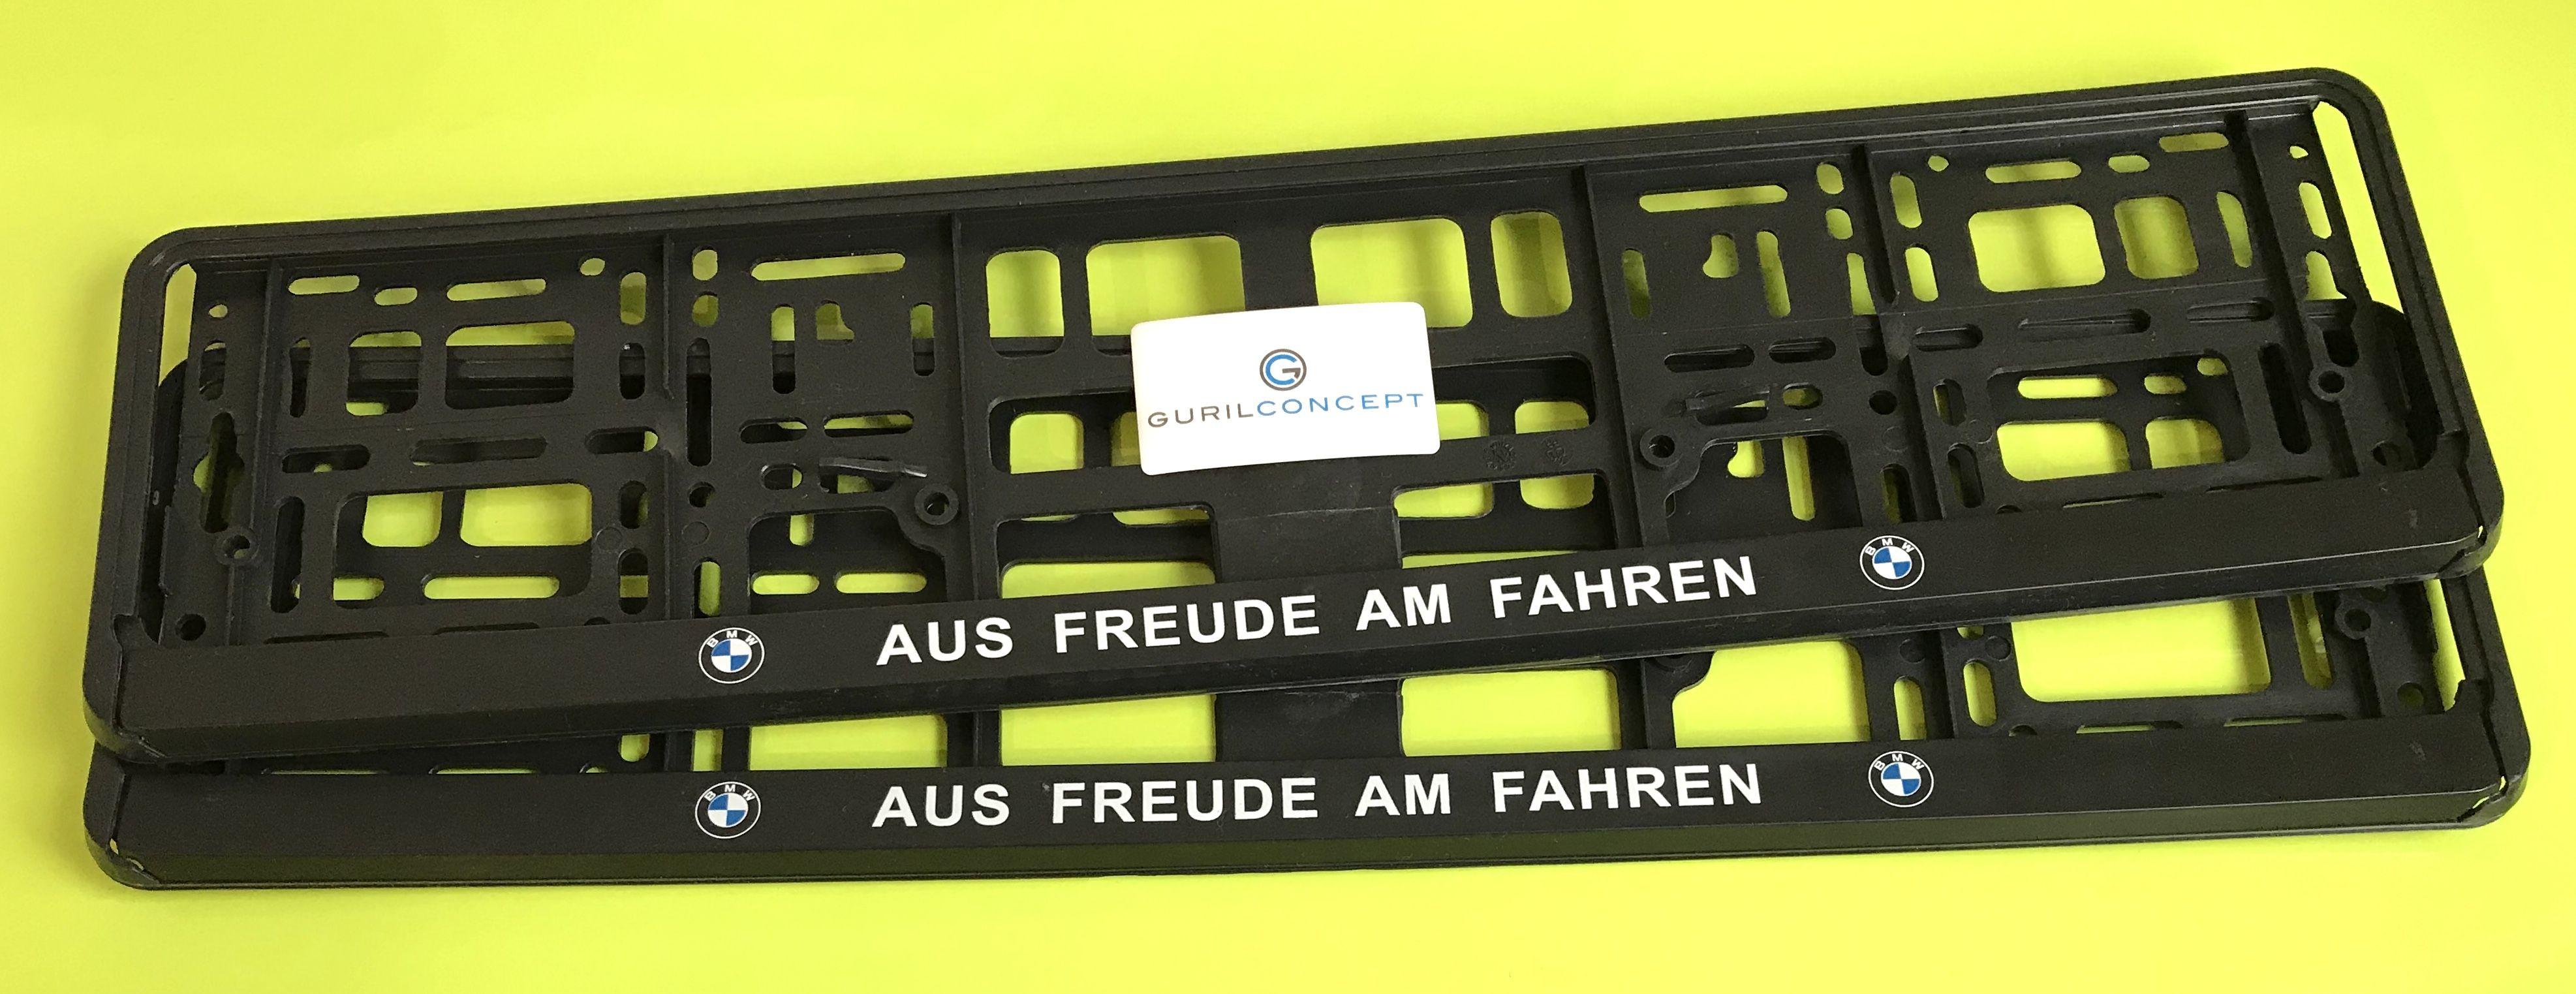 Freude am kennzeichenhalter fahren bmw Über documents.openideo.com